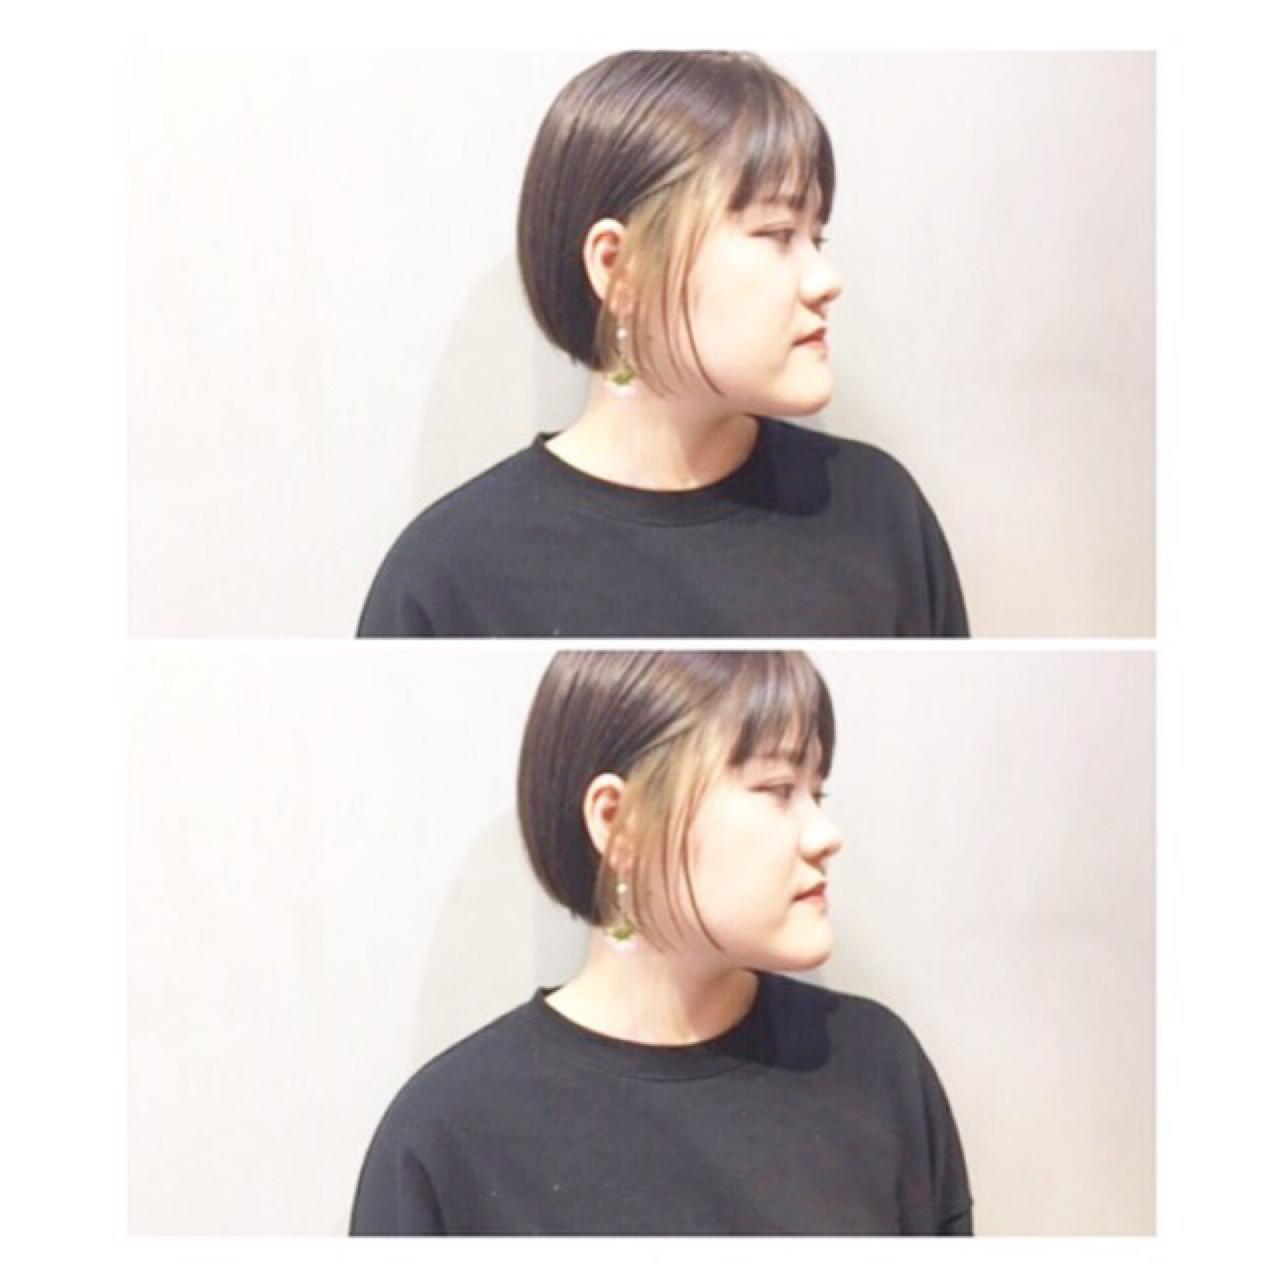 ナチュラル グレージュ ショート マッシュ ヘアスタイルや髪型の写真・画像 | COM PASS 太一 / COM PASS